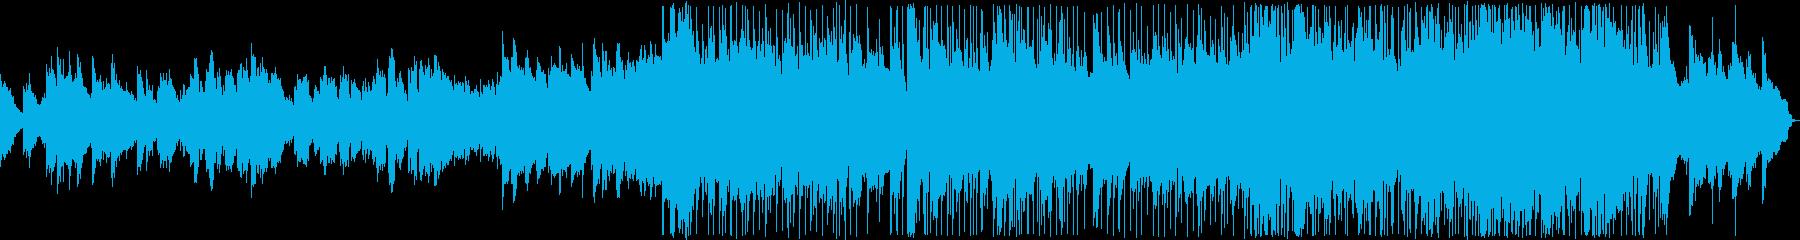 悲しい雰囲気のK-POP風バラード4の再生済みの波形